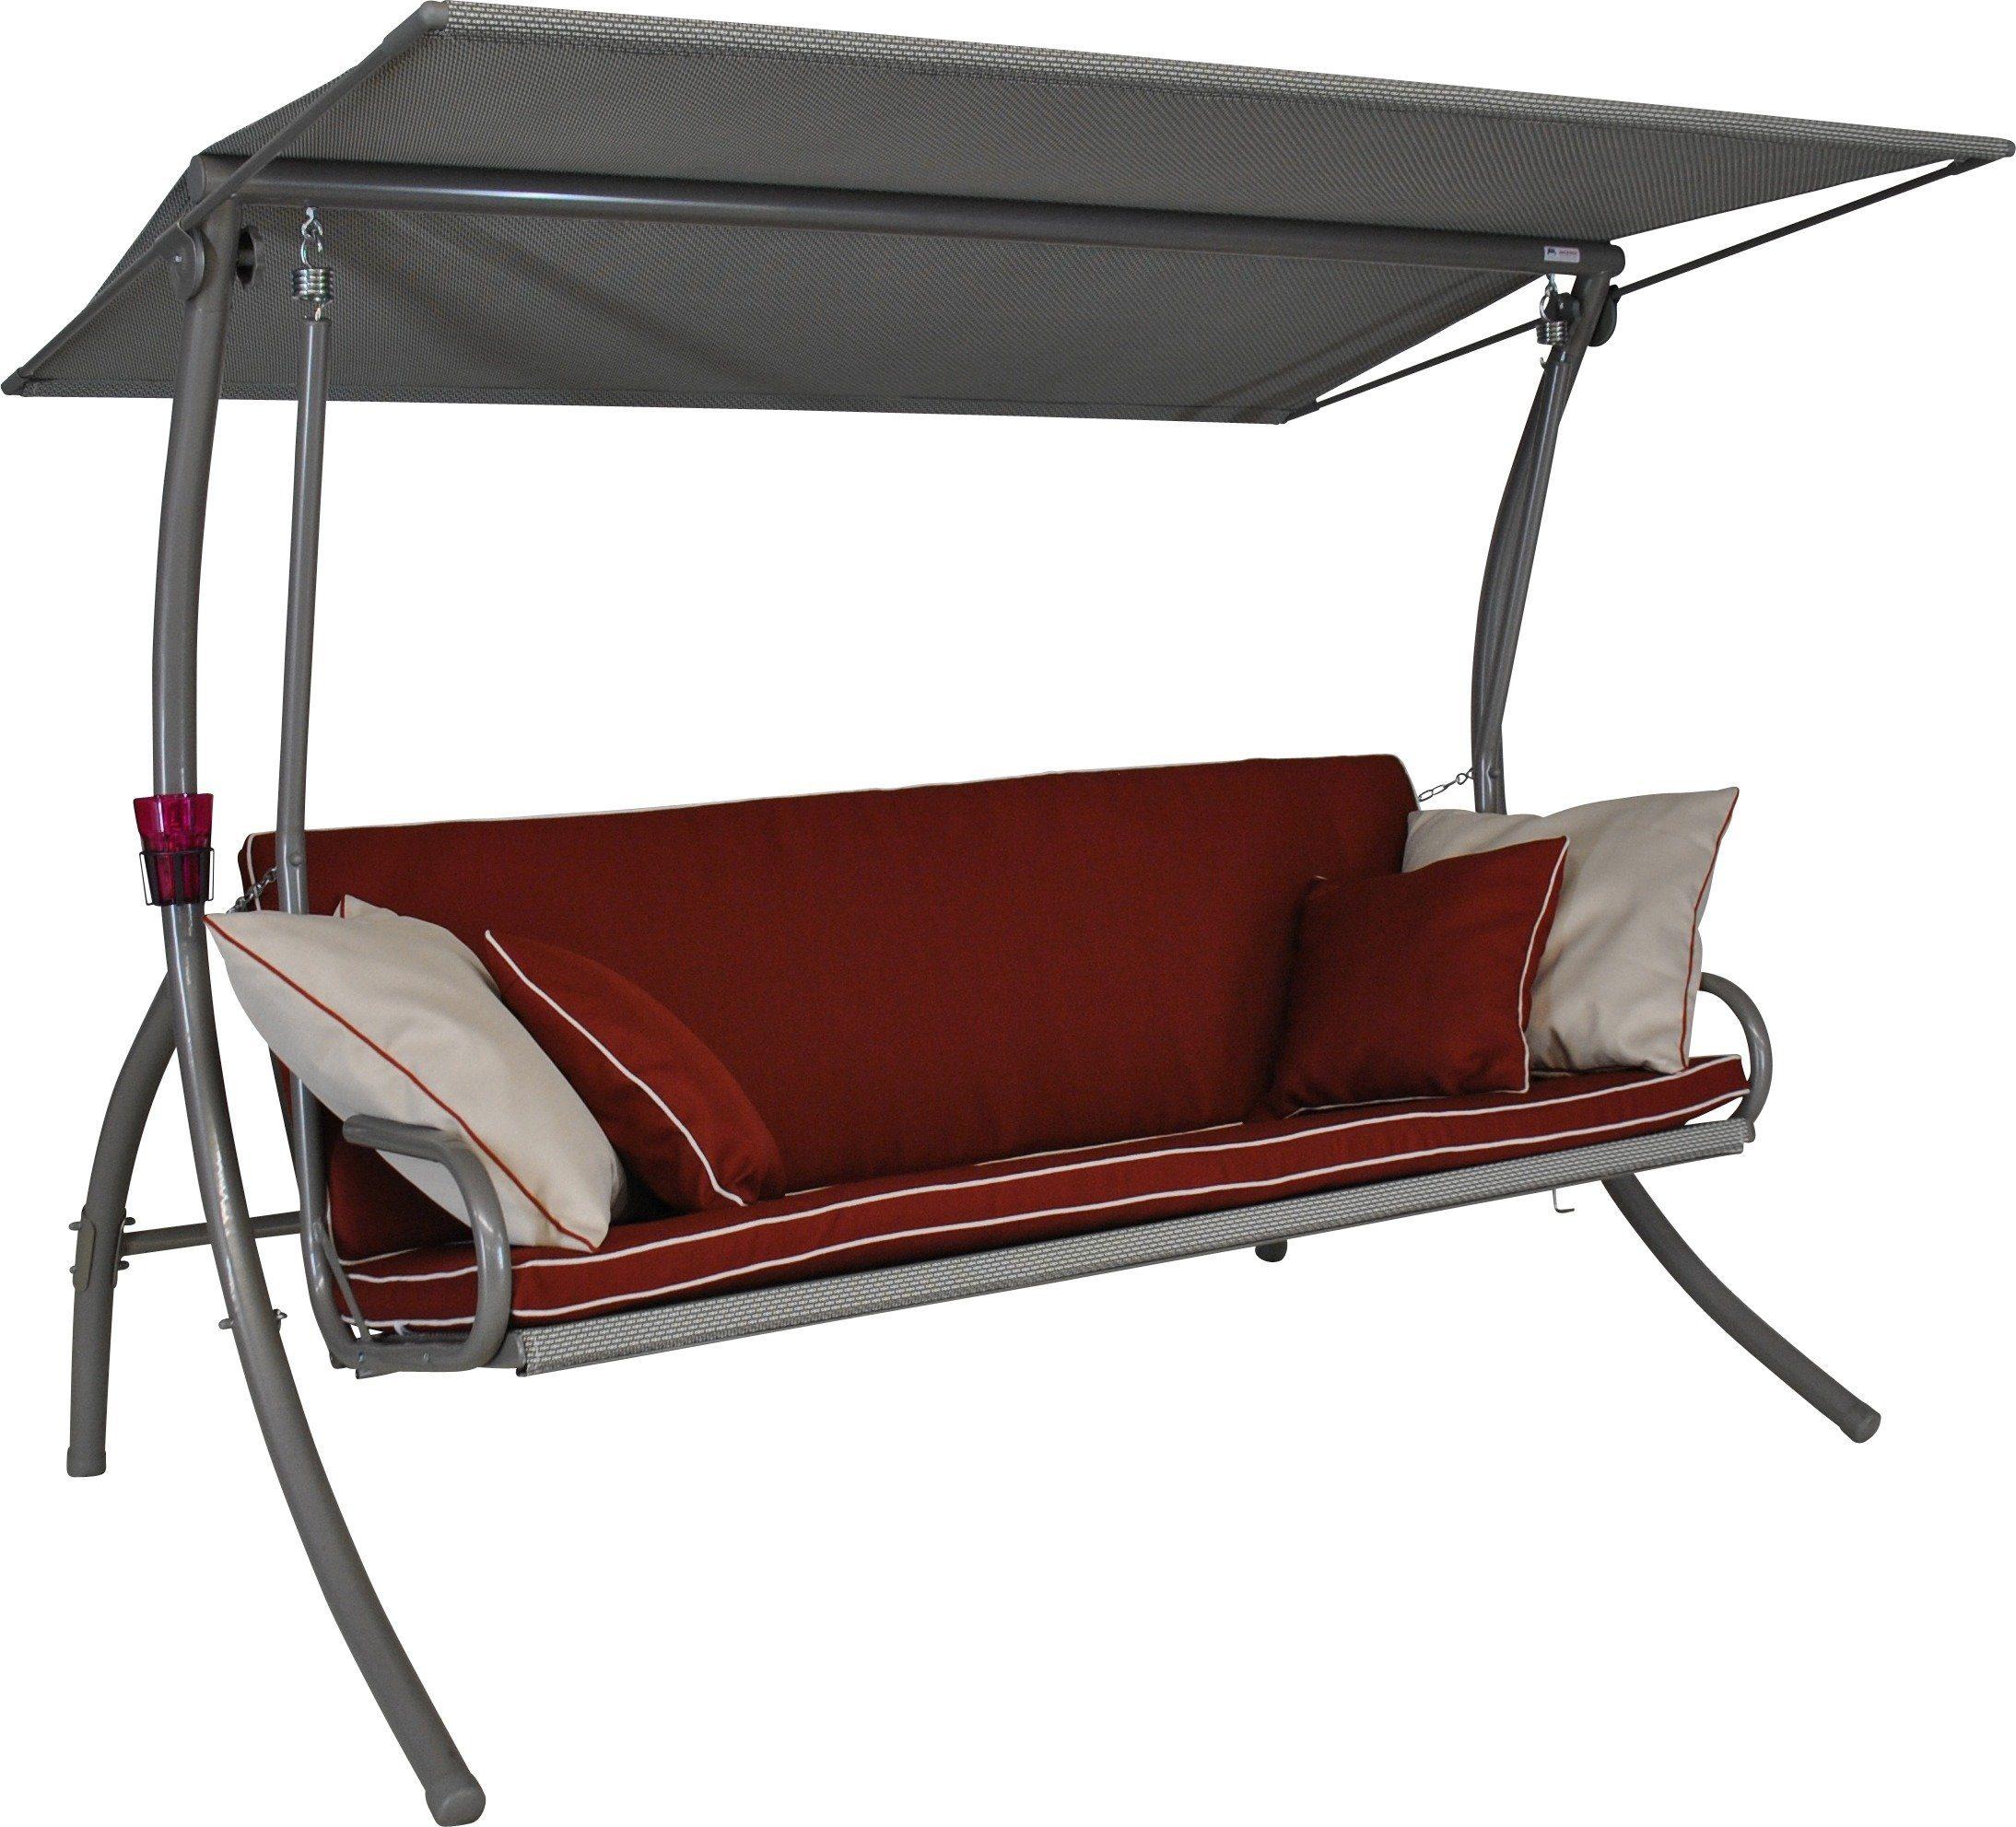 ANGERER FREIZEITMÖBEL Hollywoodschaukel »Elegance Style«, 3-Sitzer, rot